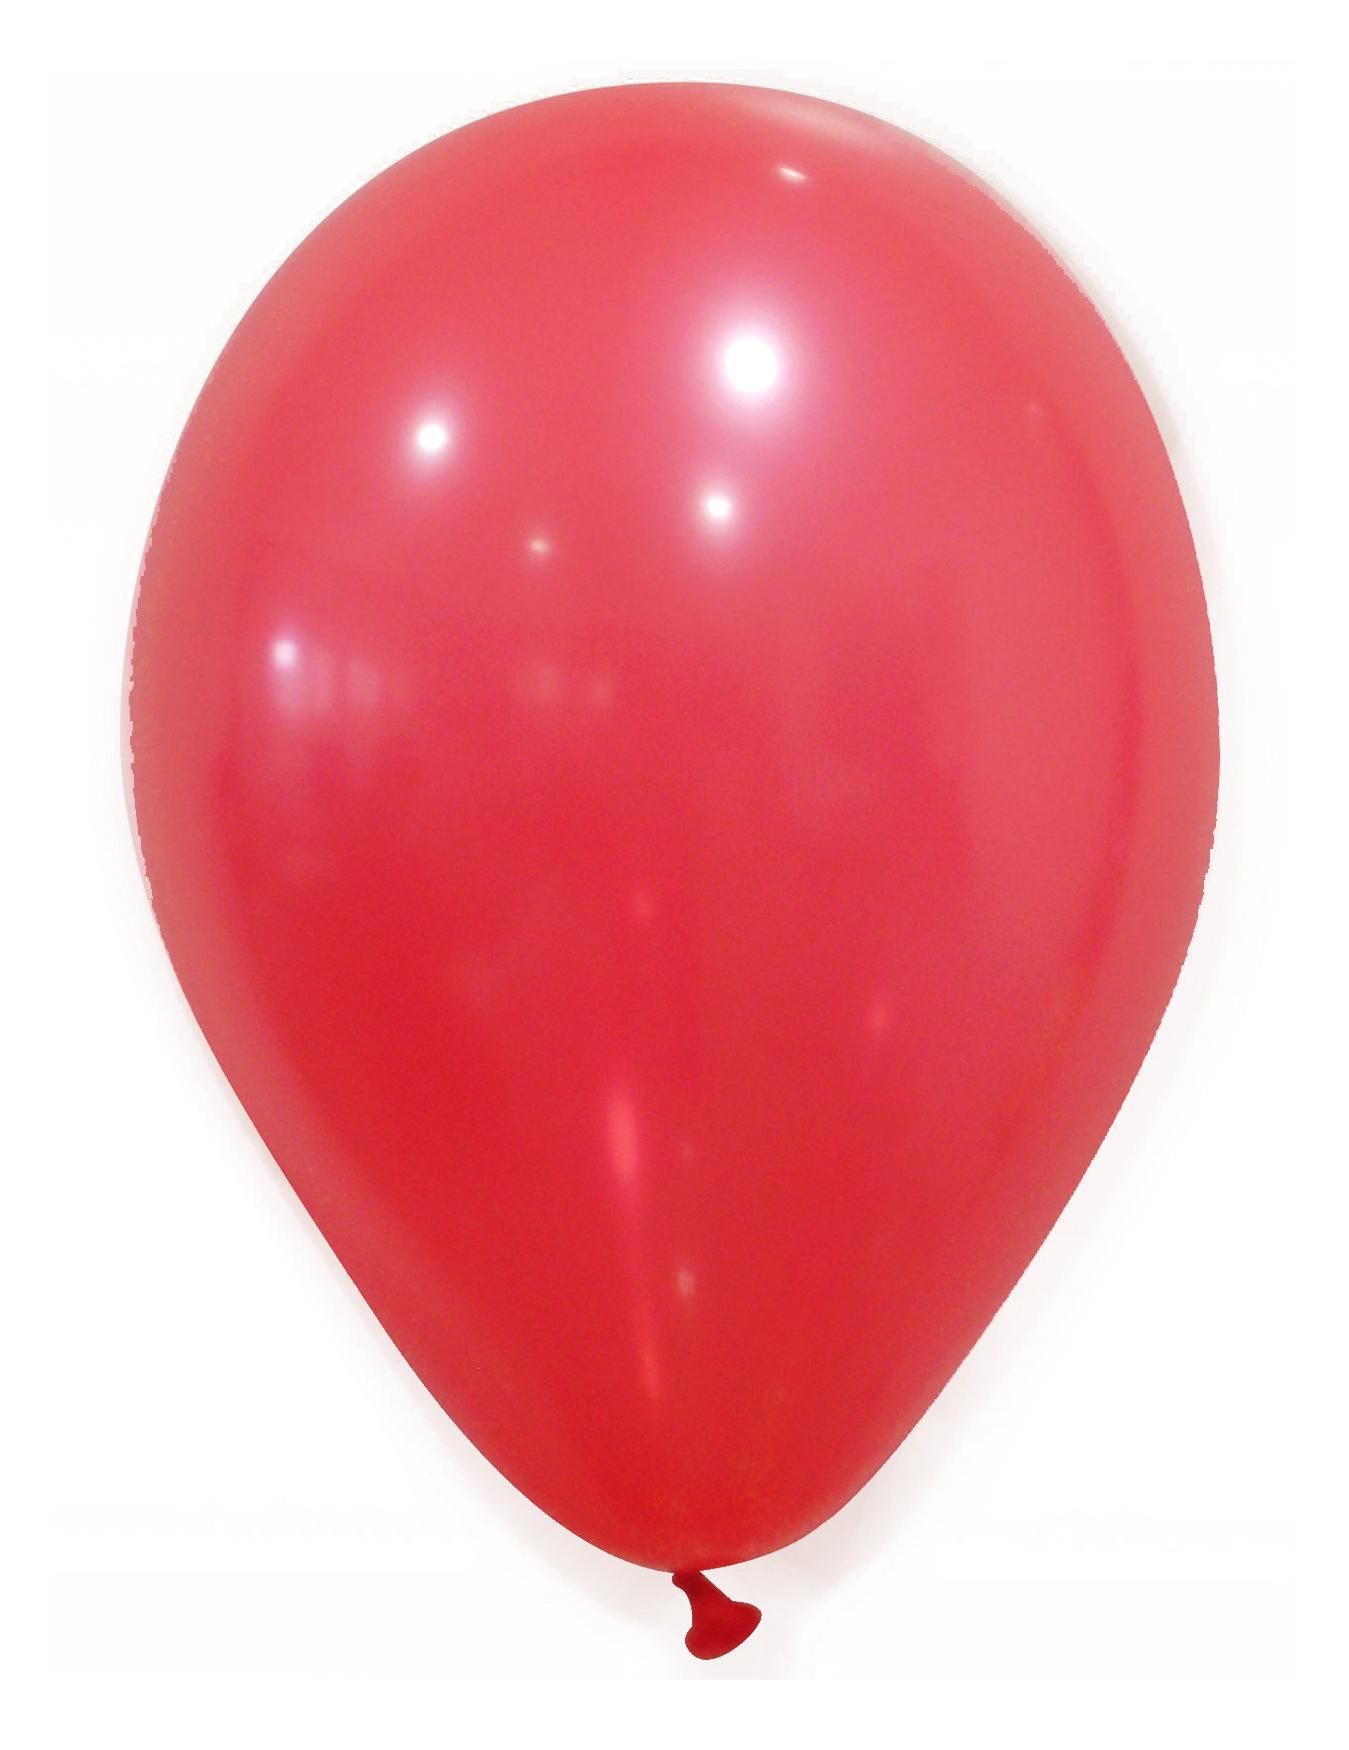 100 globos de color rojo 27 cm: Decoración,y disfraces originales ...